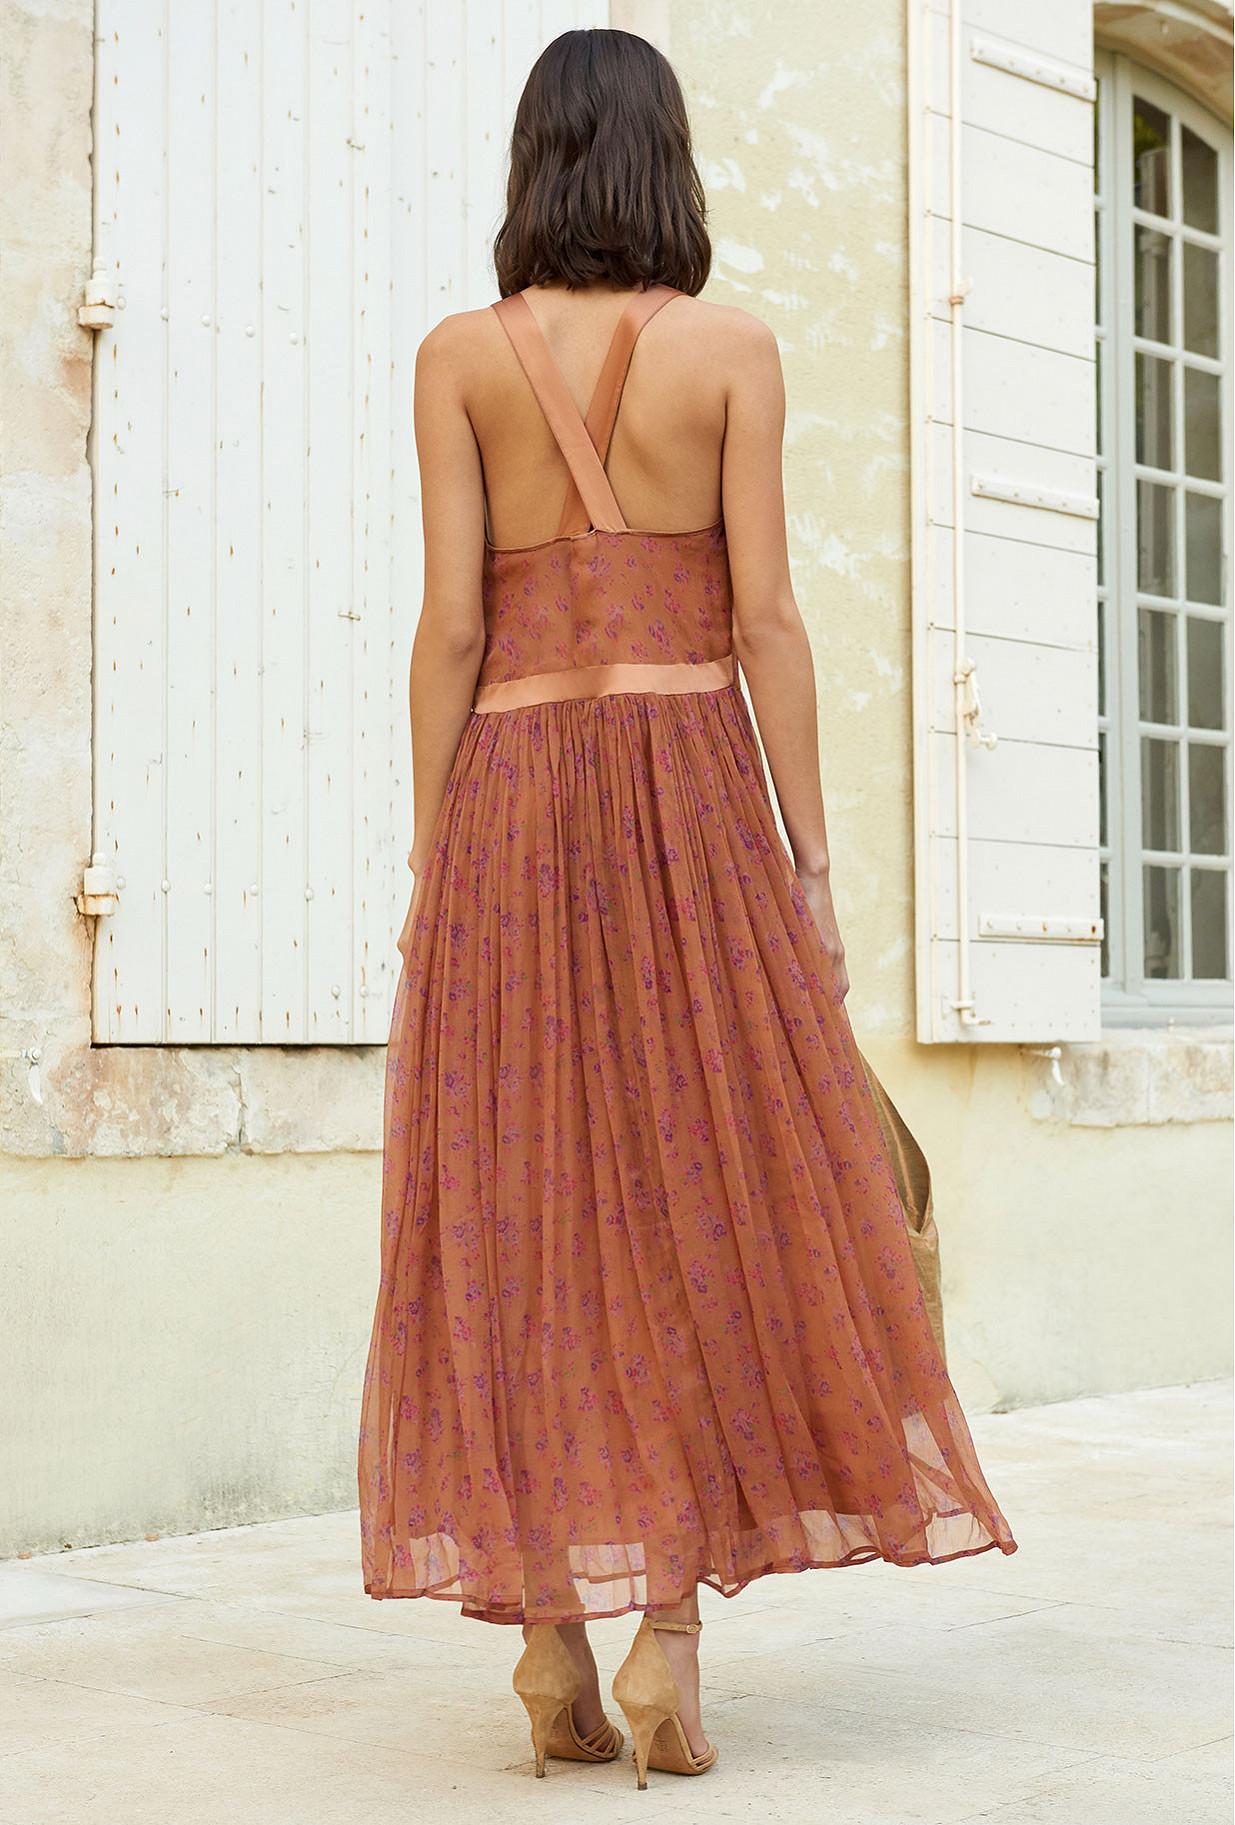 Terracotta Dress Lilies